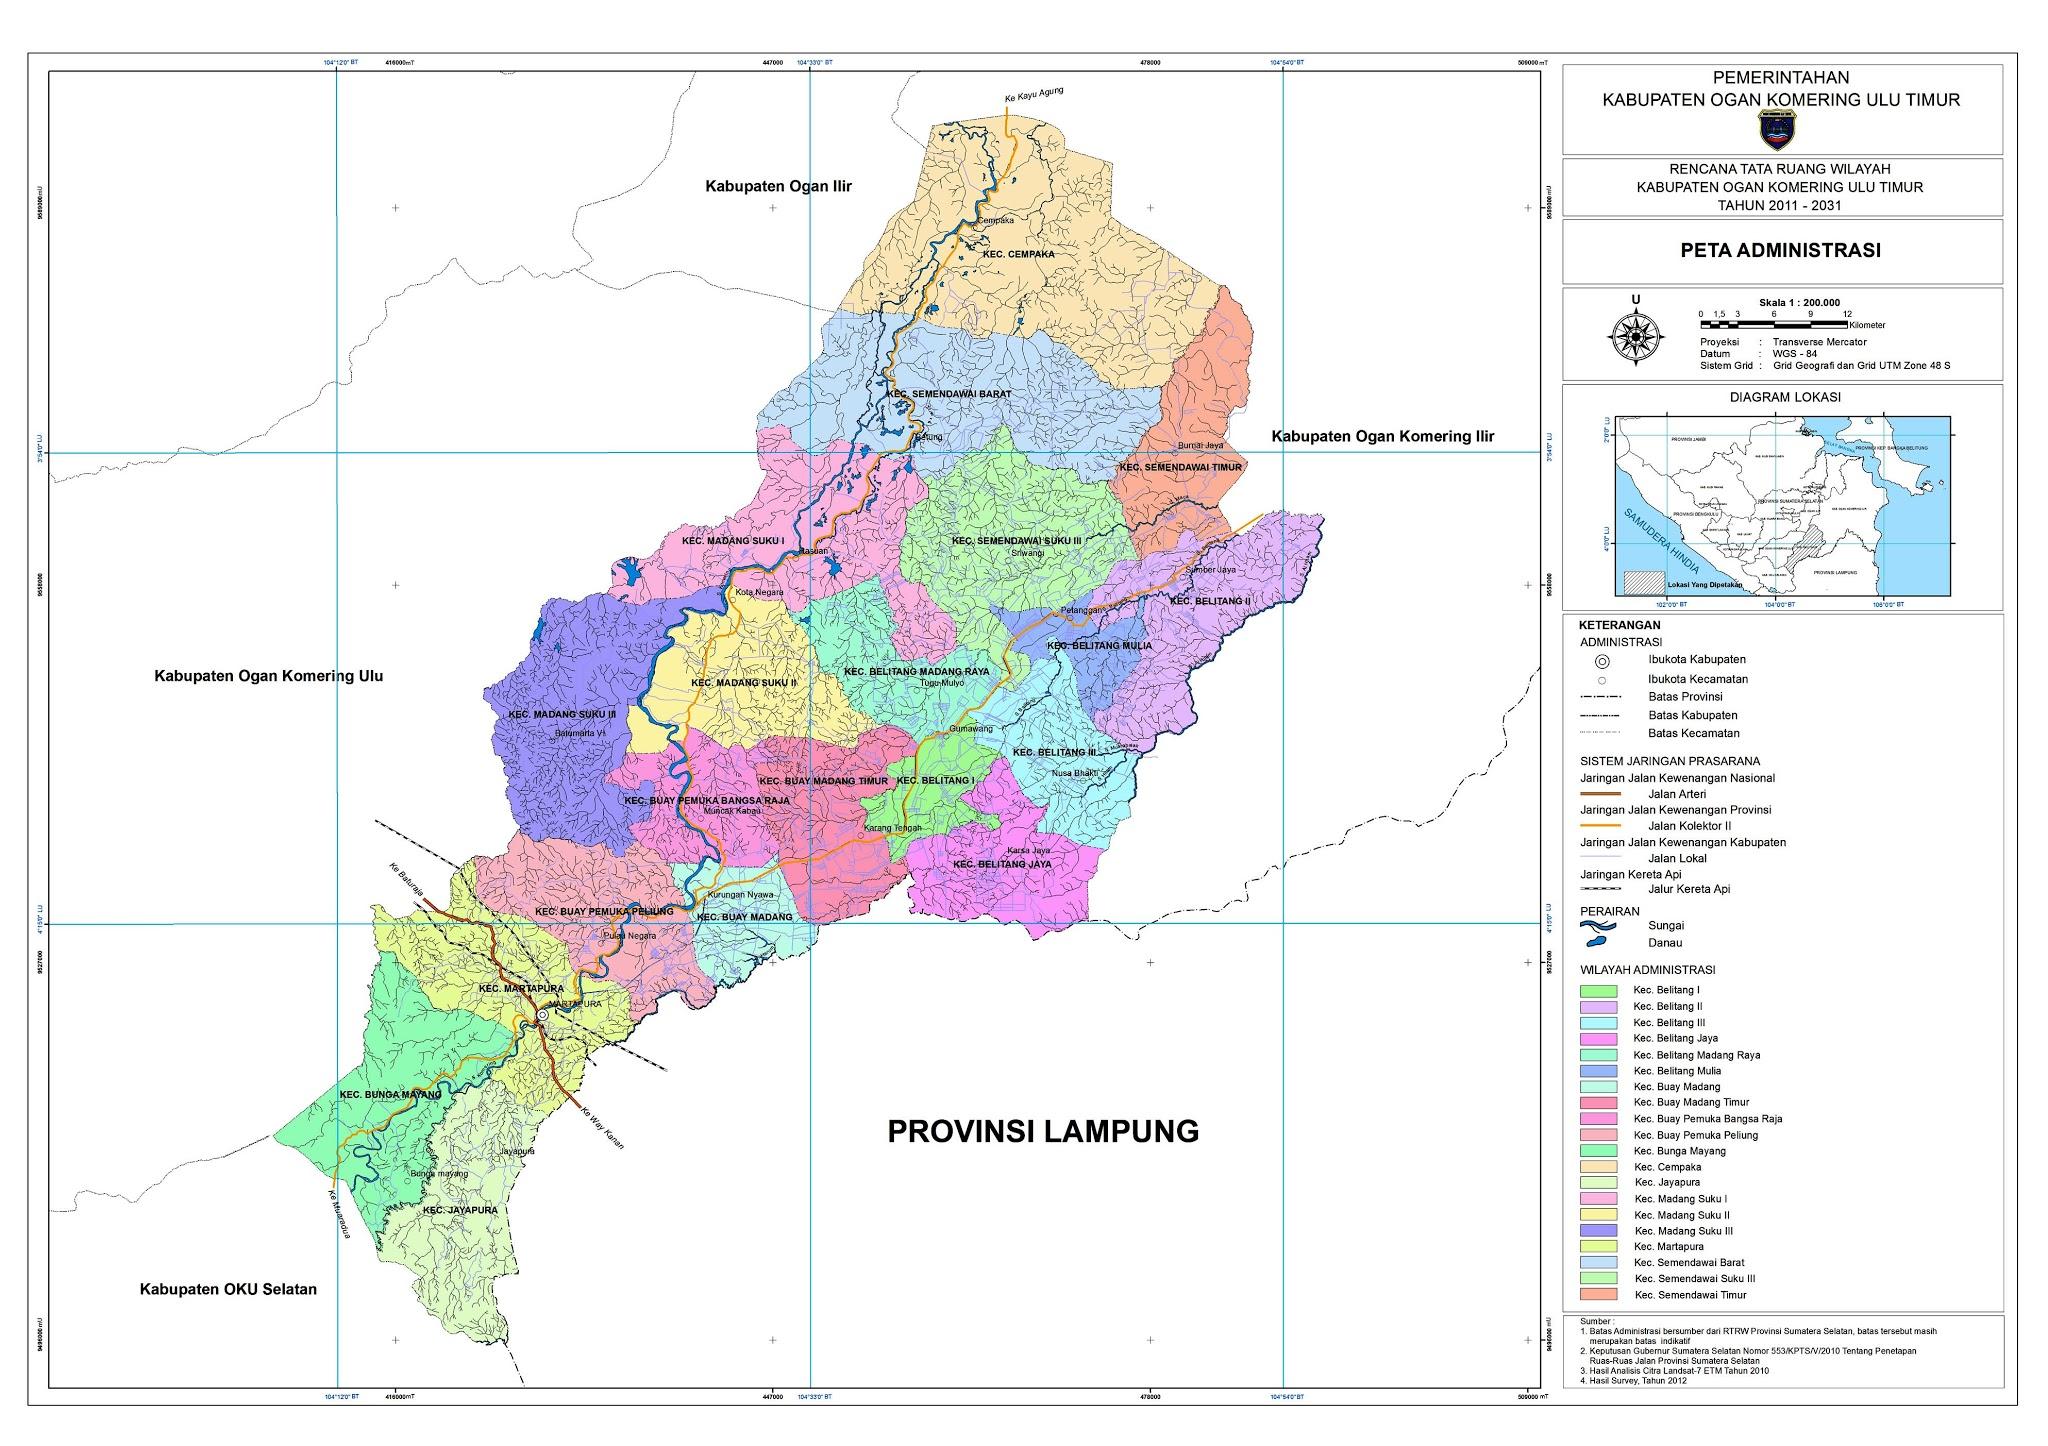 Peta Kabupaten Ogan Komering Ulu Timur